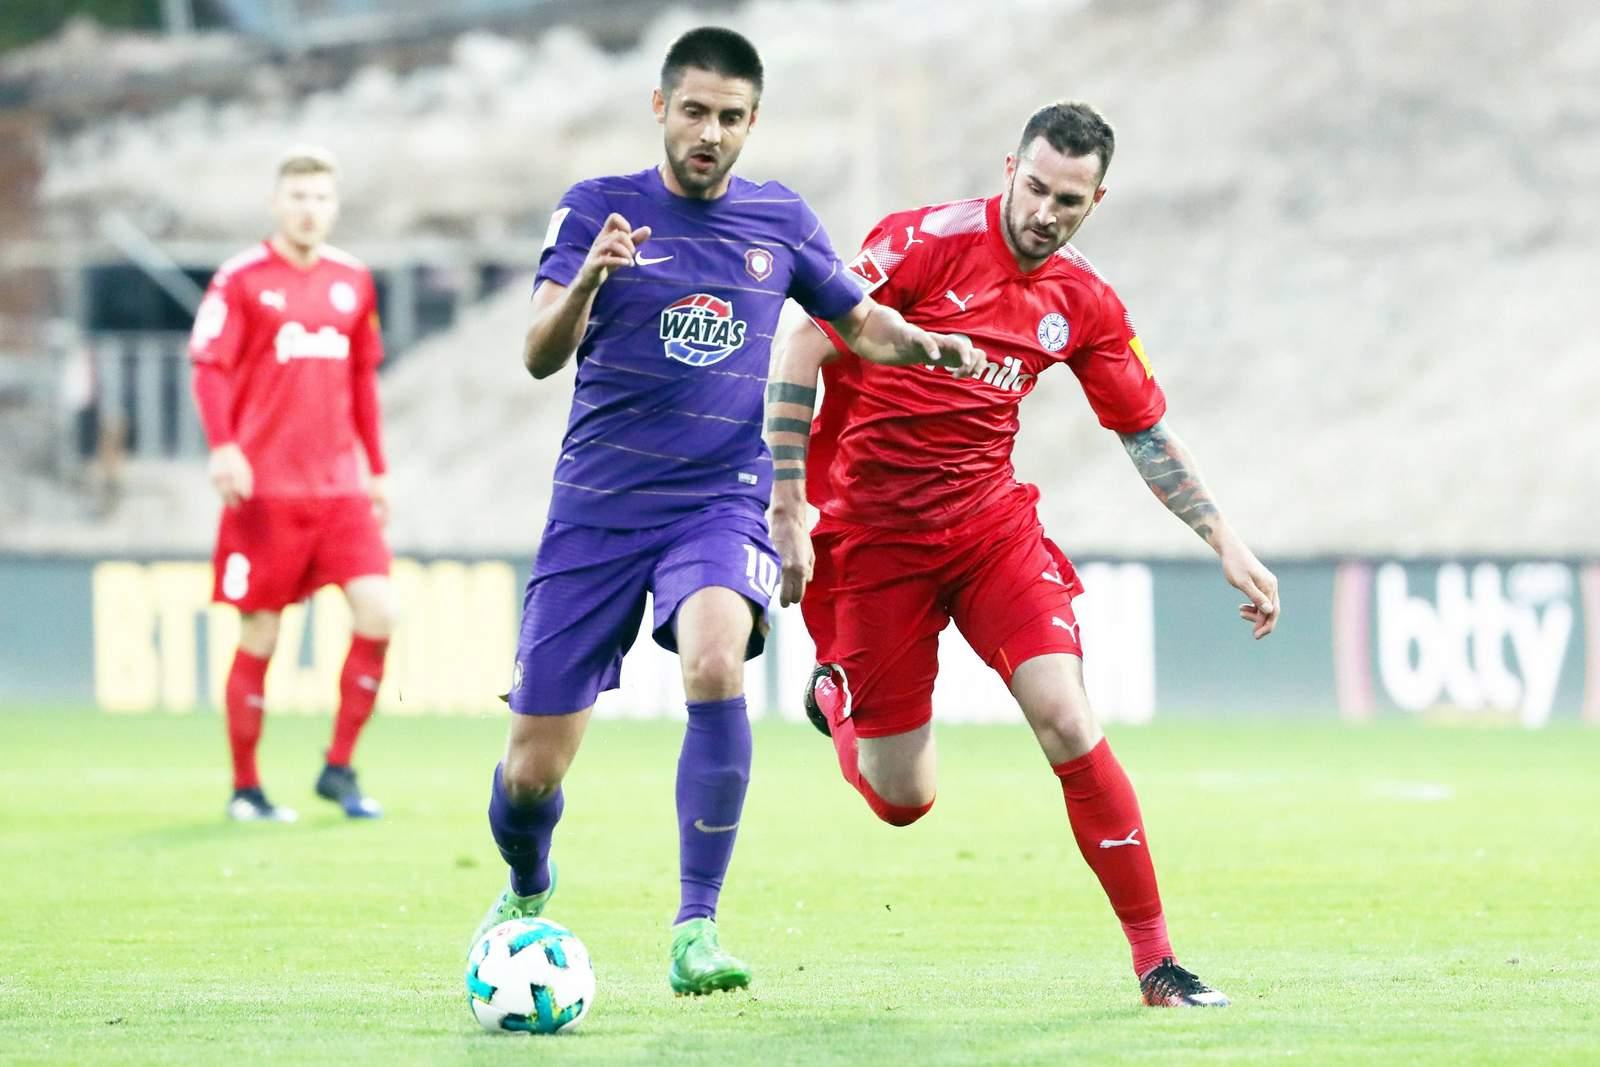 Behauptet sich Dimitrij Nazarov gegen Dominik Schmidt? Jetzt auf Aue gegen Kiel wetten.